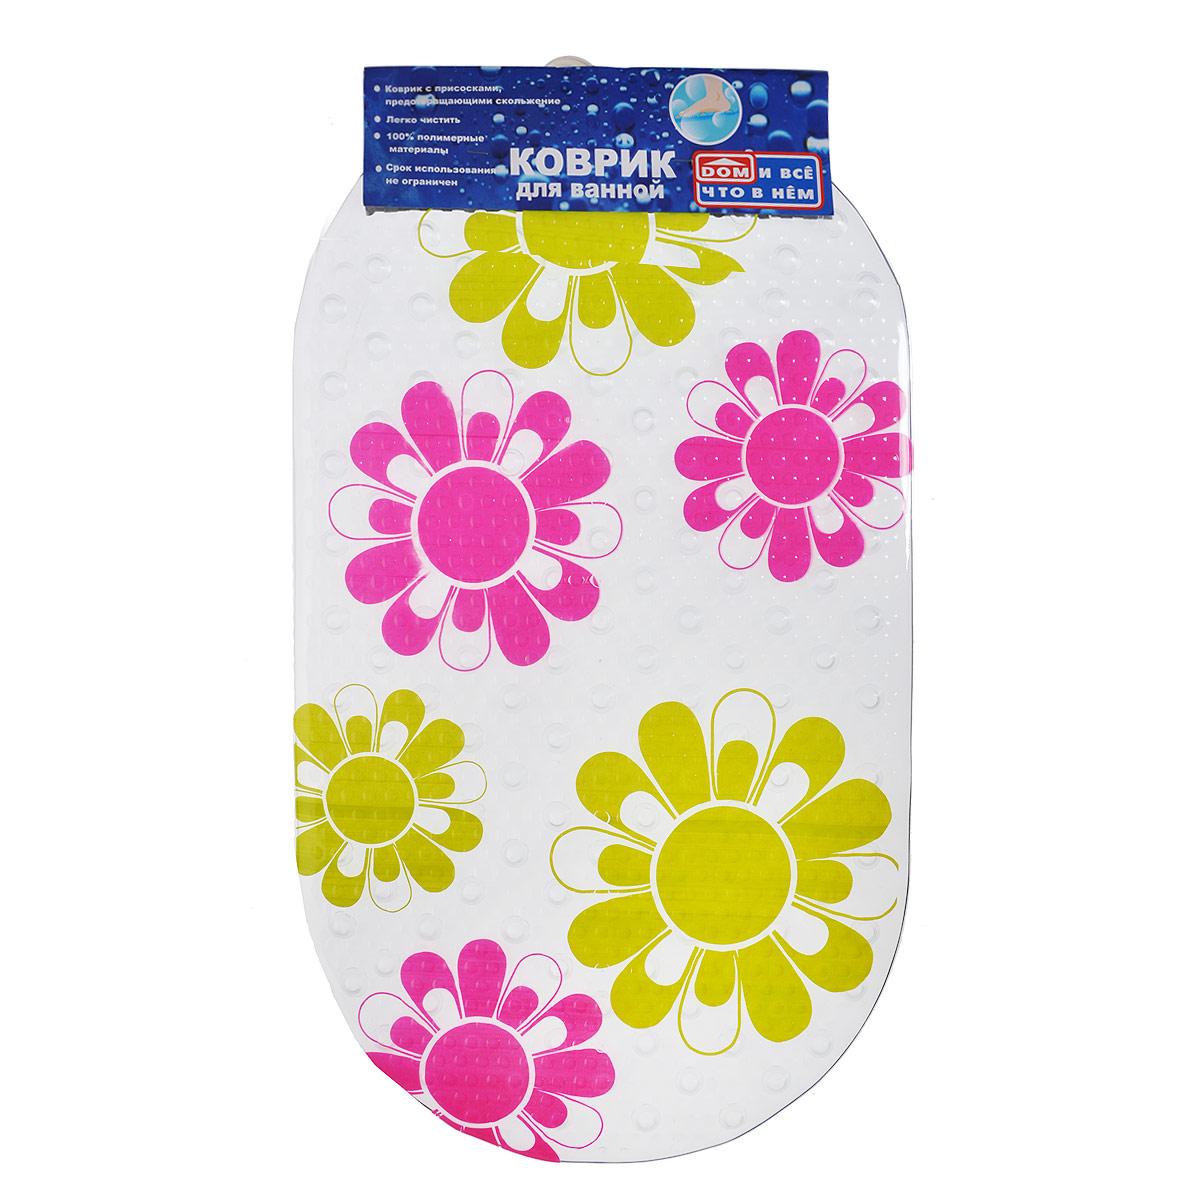 Коврик для ванны Цветы, цвет: желтый, розовый, 67 х 37 см850-402-00Коврик для ванны и душевой кабины Цветы, выполненный из винила и оформленный рисунком в виде цветов.Противоскользящий коврик для ванны - это хорошая защита детей и взрослых от неожиданных падений на гладкой мокрой поверхности.Коврик очень плотно крепится ко дну множеством присосок, расположенных по всей изнаночной стороне. Отверстия, предназначенные для пропуска воды, способствуют лучшему сцеплению с поверхностью, таким образом, полностью, исключая скольжение. Принимая душ или ванную, постелите противоскользящий коврик. Это особенно актуально для семьи с маленькими детьми и пожилыми людьми. Характеристики: Материал:винил. Размер:67 см х 37 см.